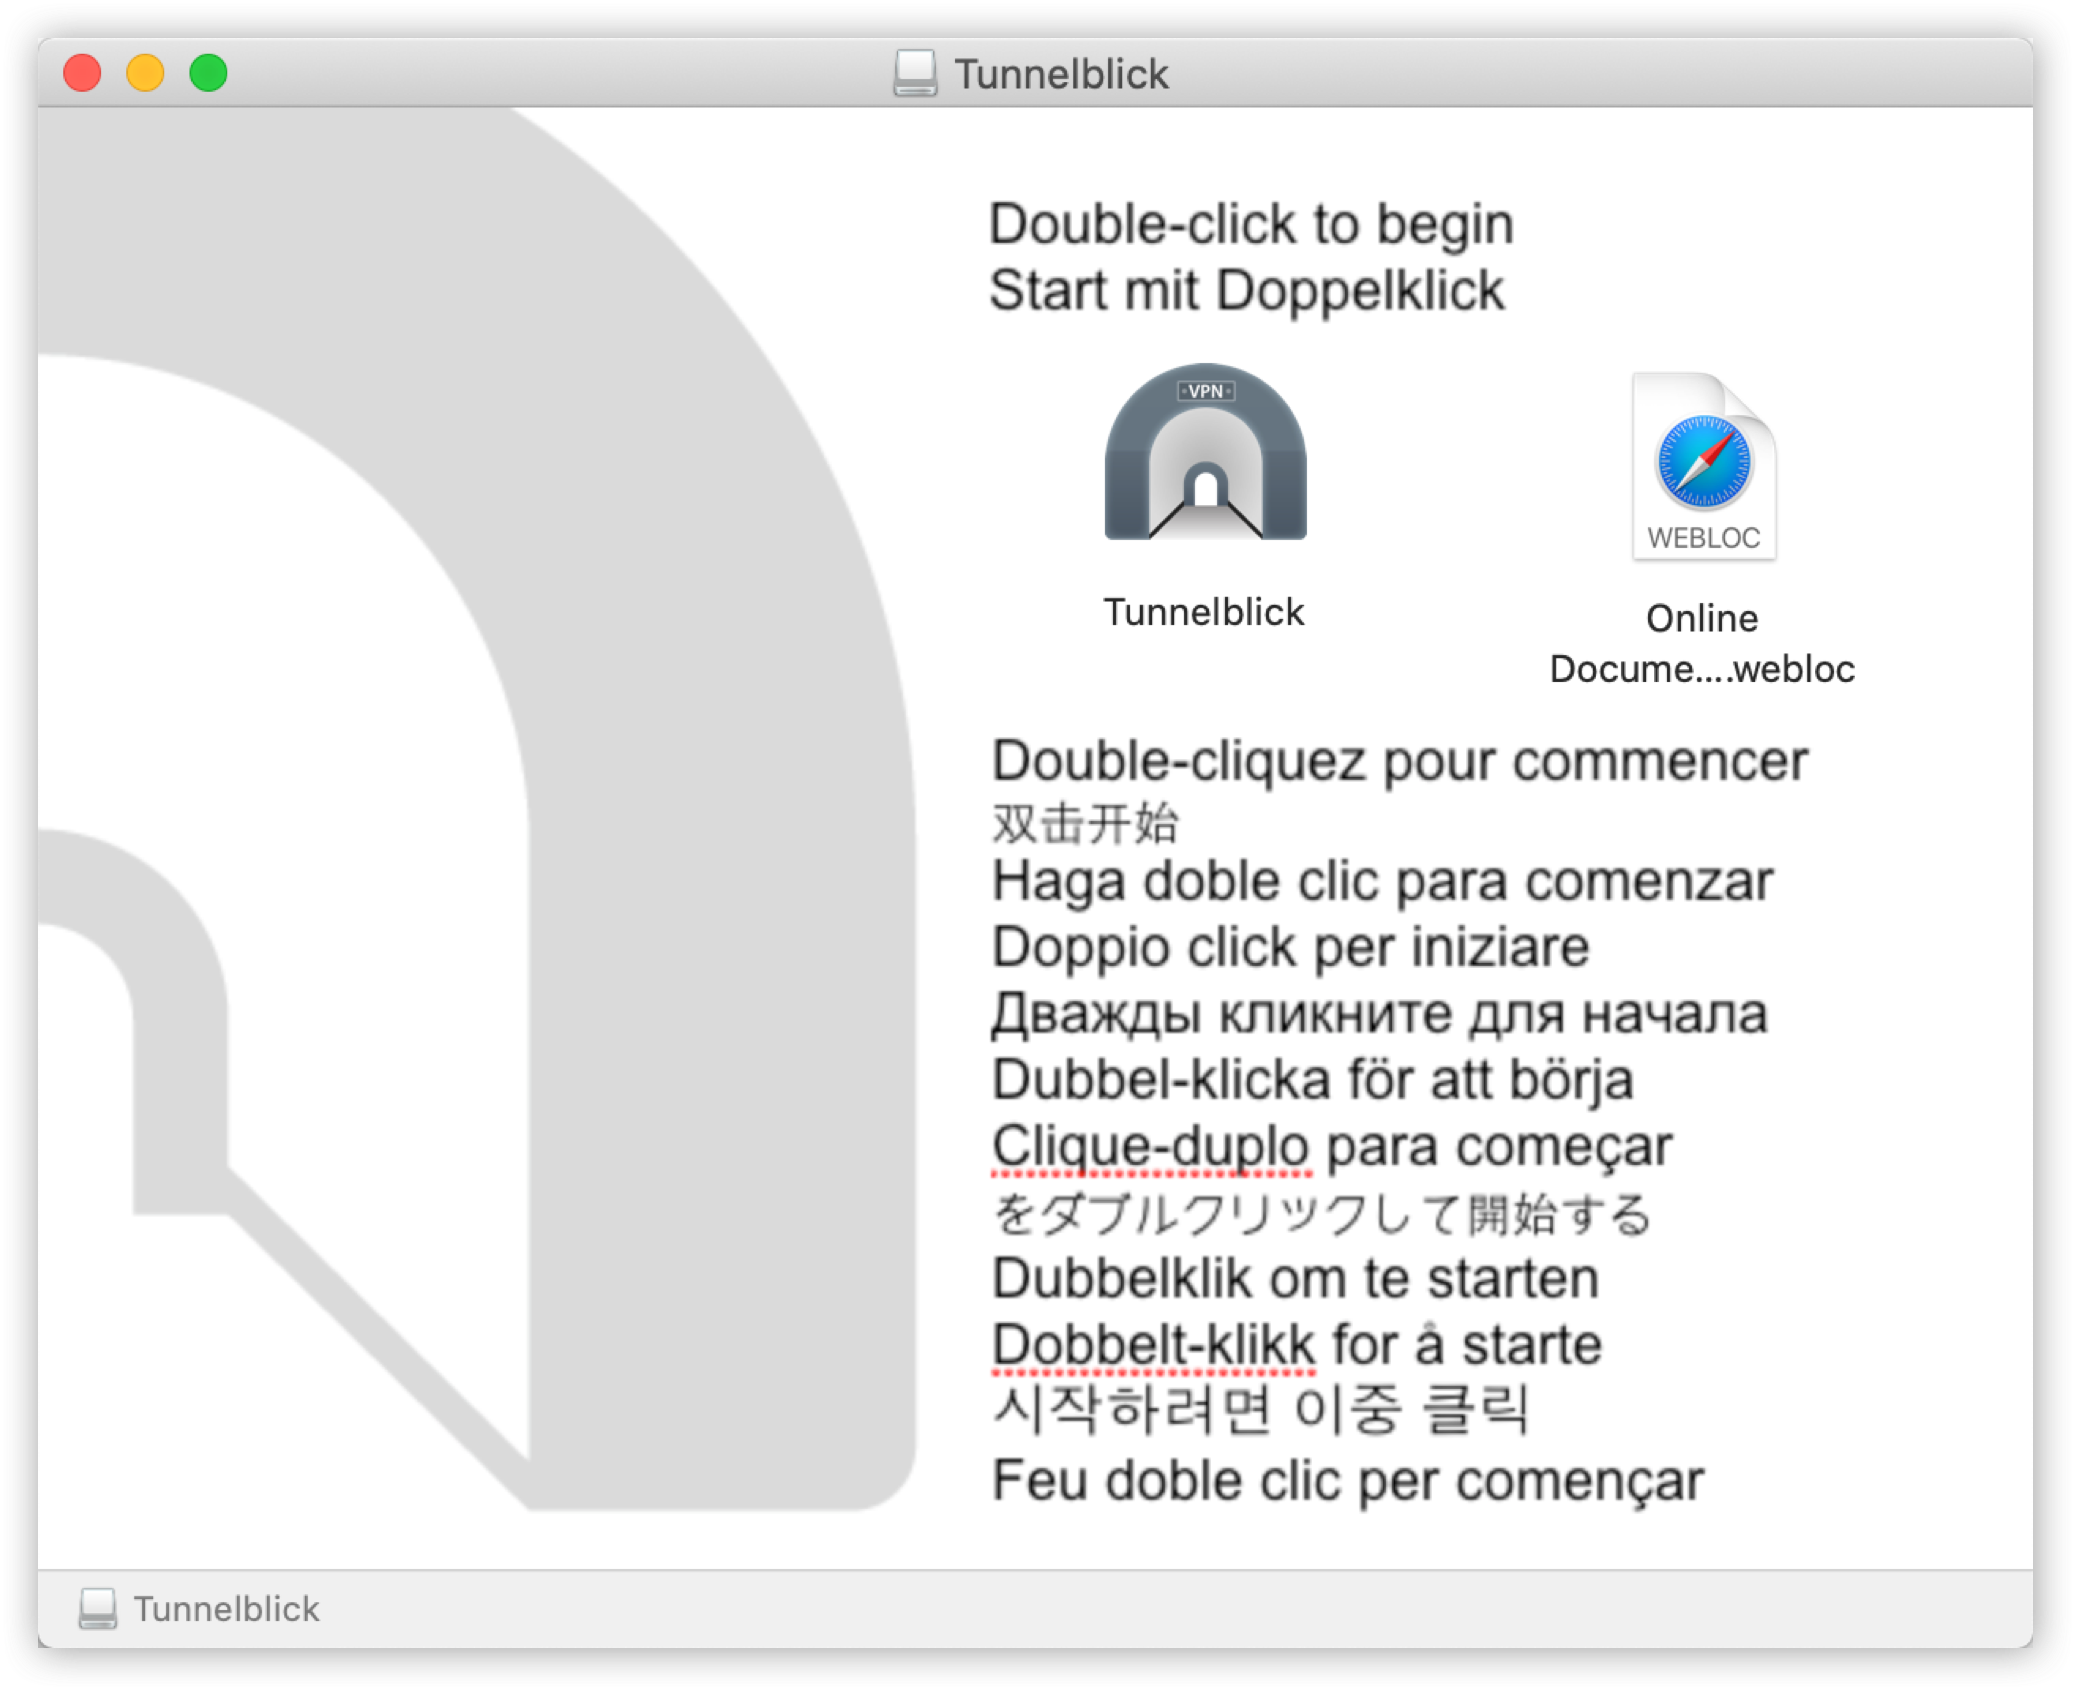 start the installation on Tunnelblick